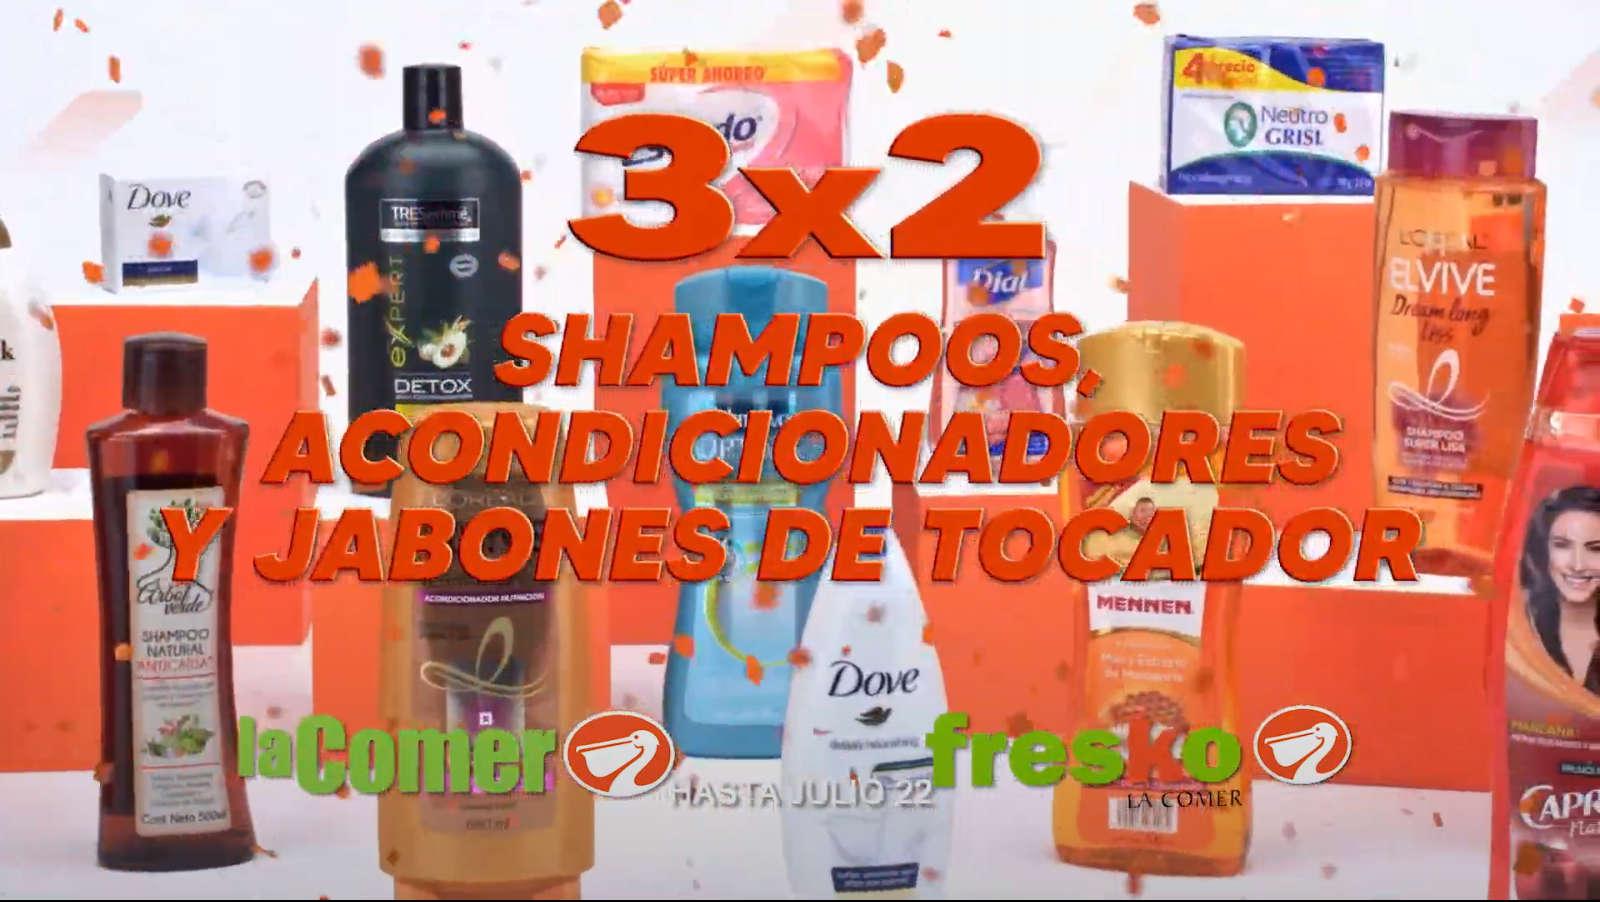 La Comer Temporada Naranja 2020: 3×2 en shampoos, acondicionadores y jabones de tocador